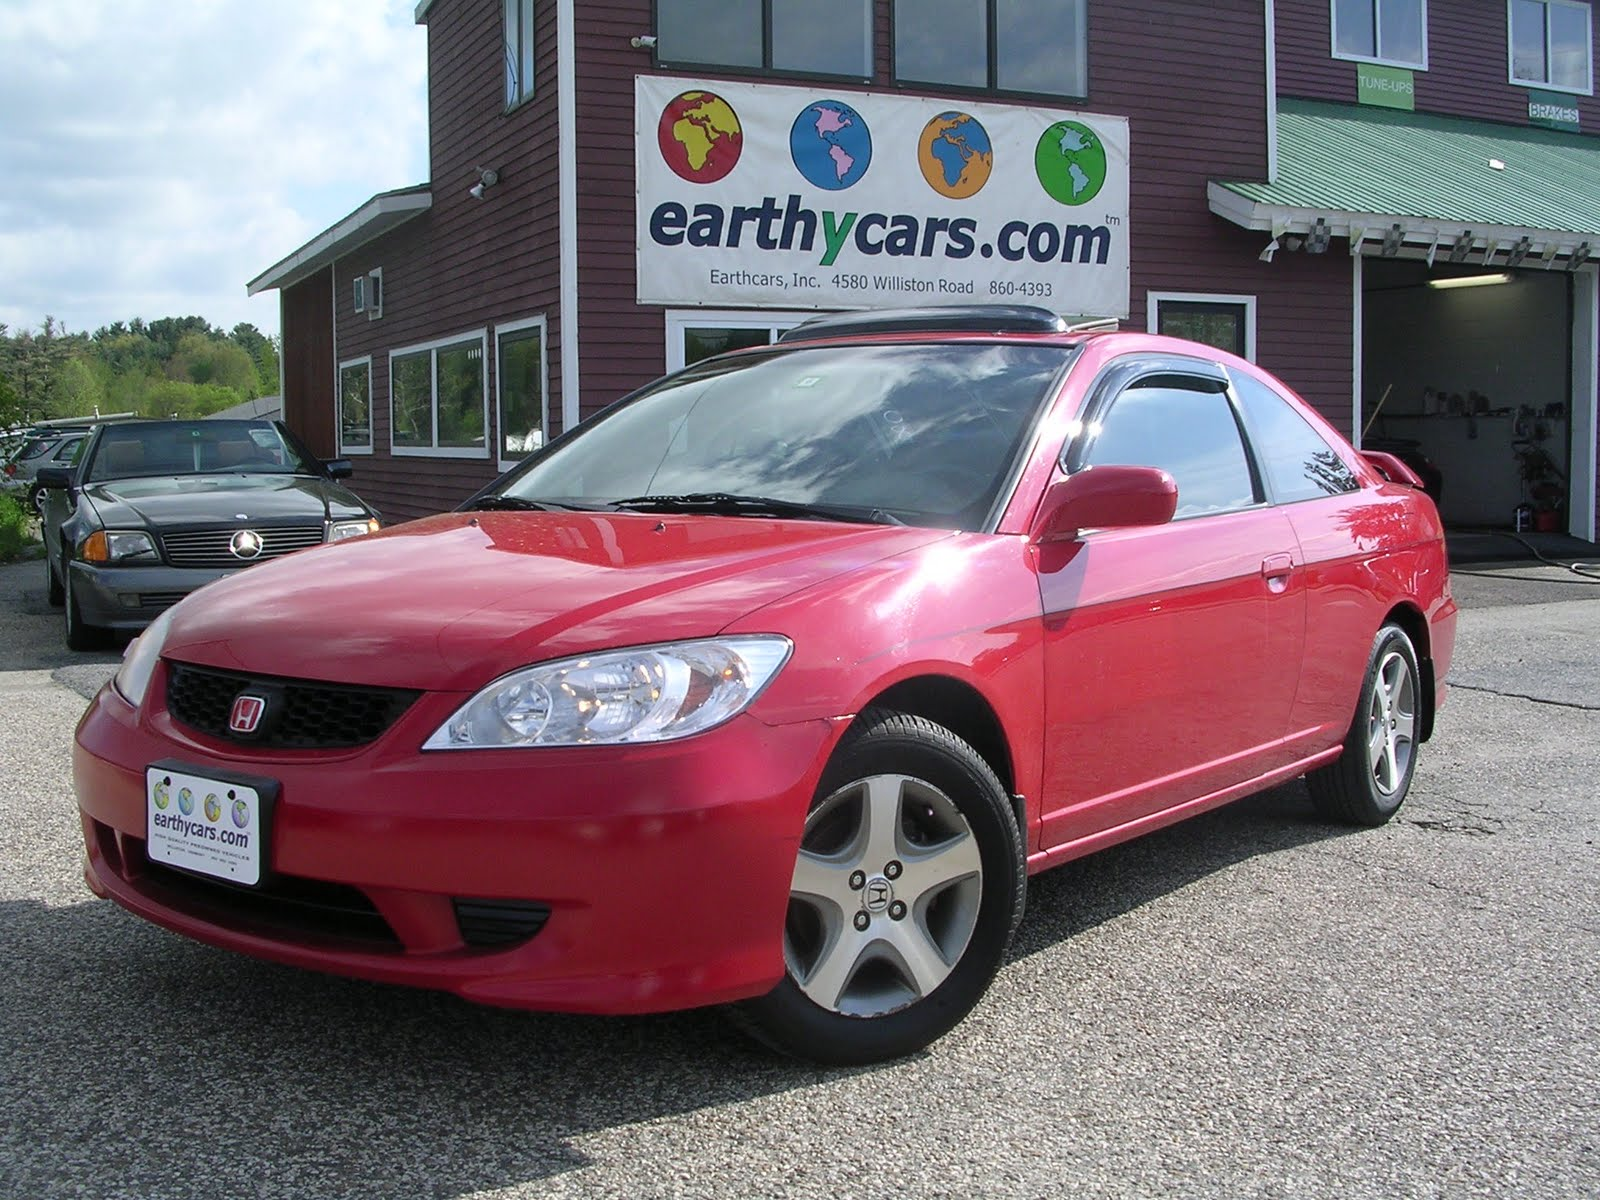 Earthy Cars Blog: EARTHY CARS SPOTLIGHT: 9/12/2011